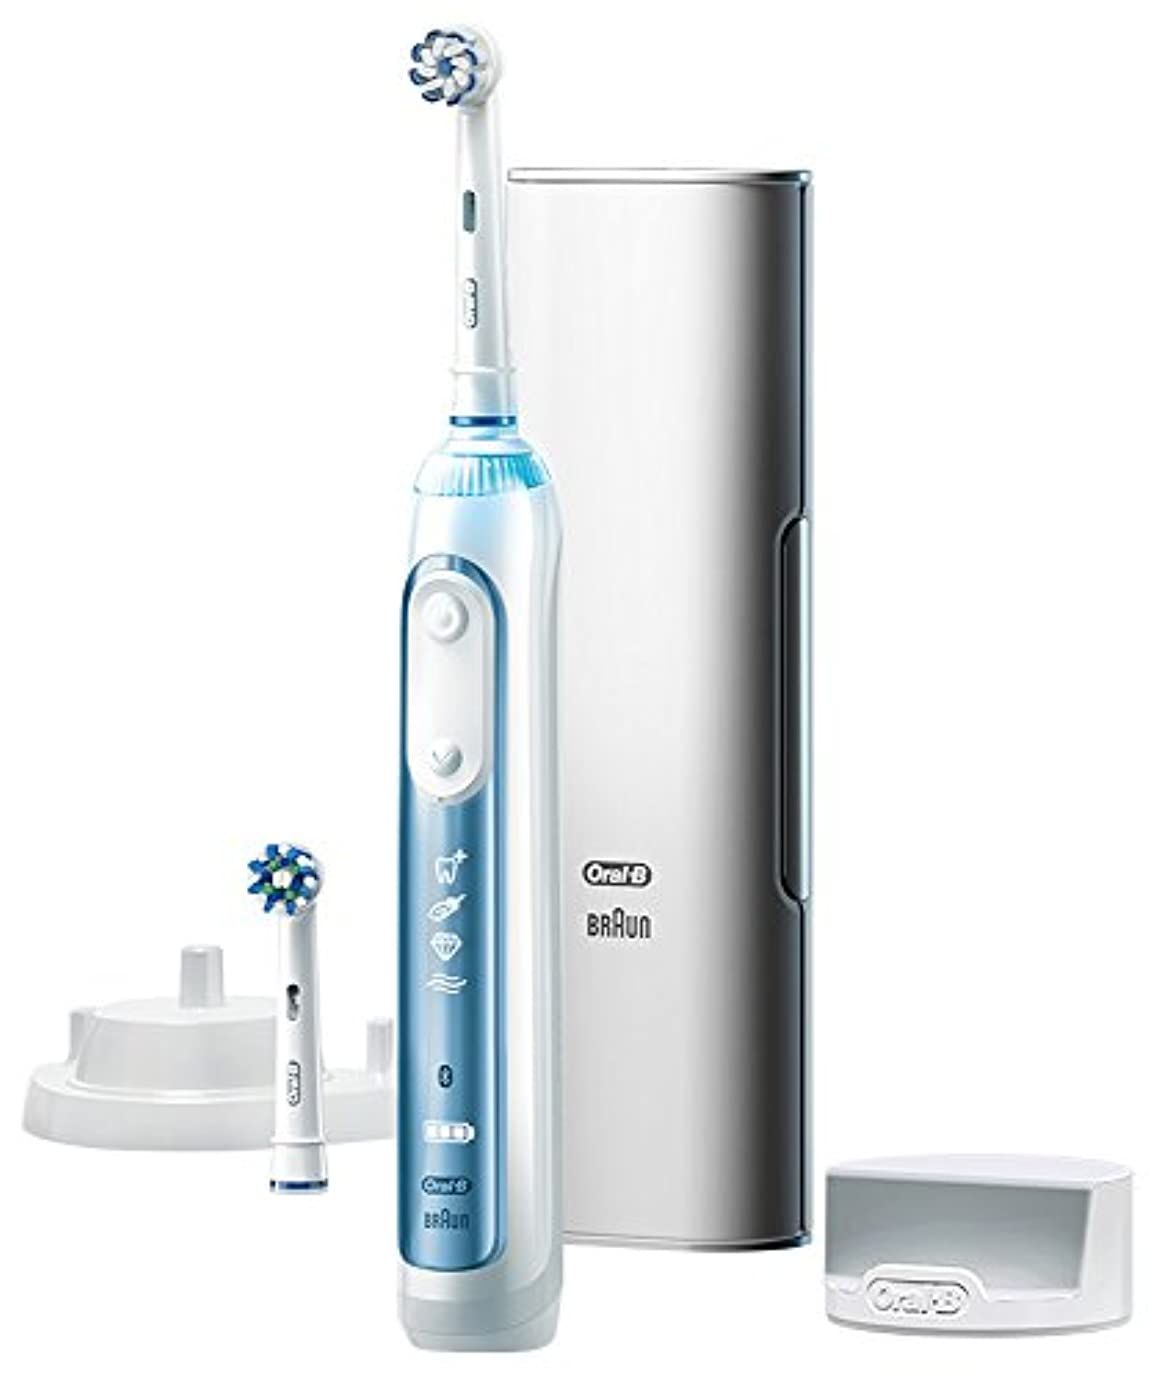 傾向がある最大フローブラウン オーラルB 電動歯ブラシ スマート7000 D7005245XP D7005245XP